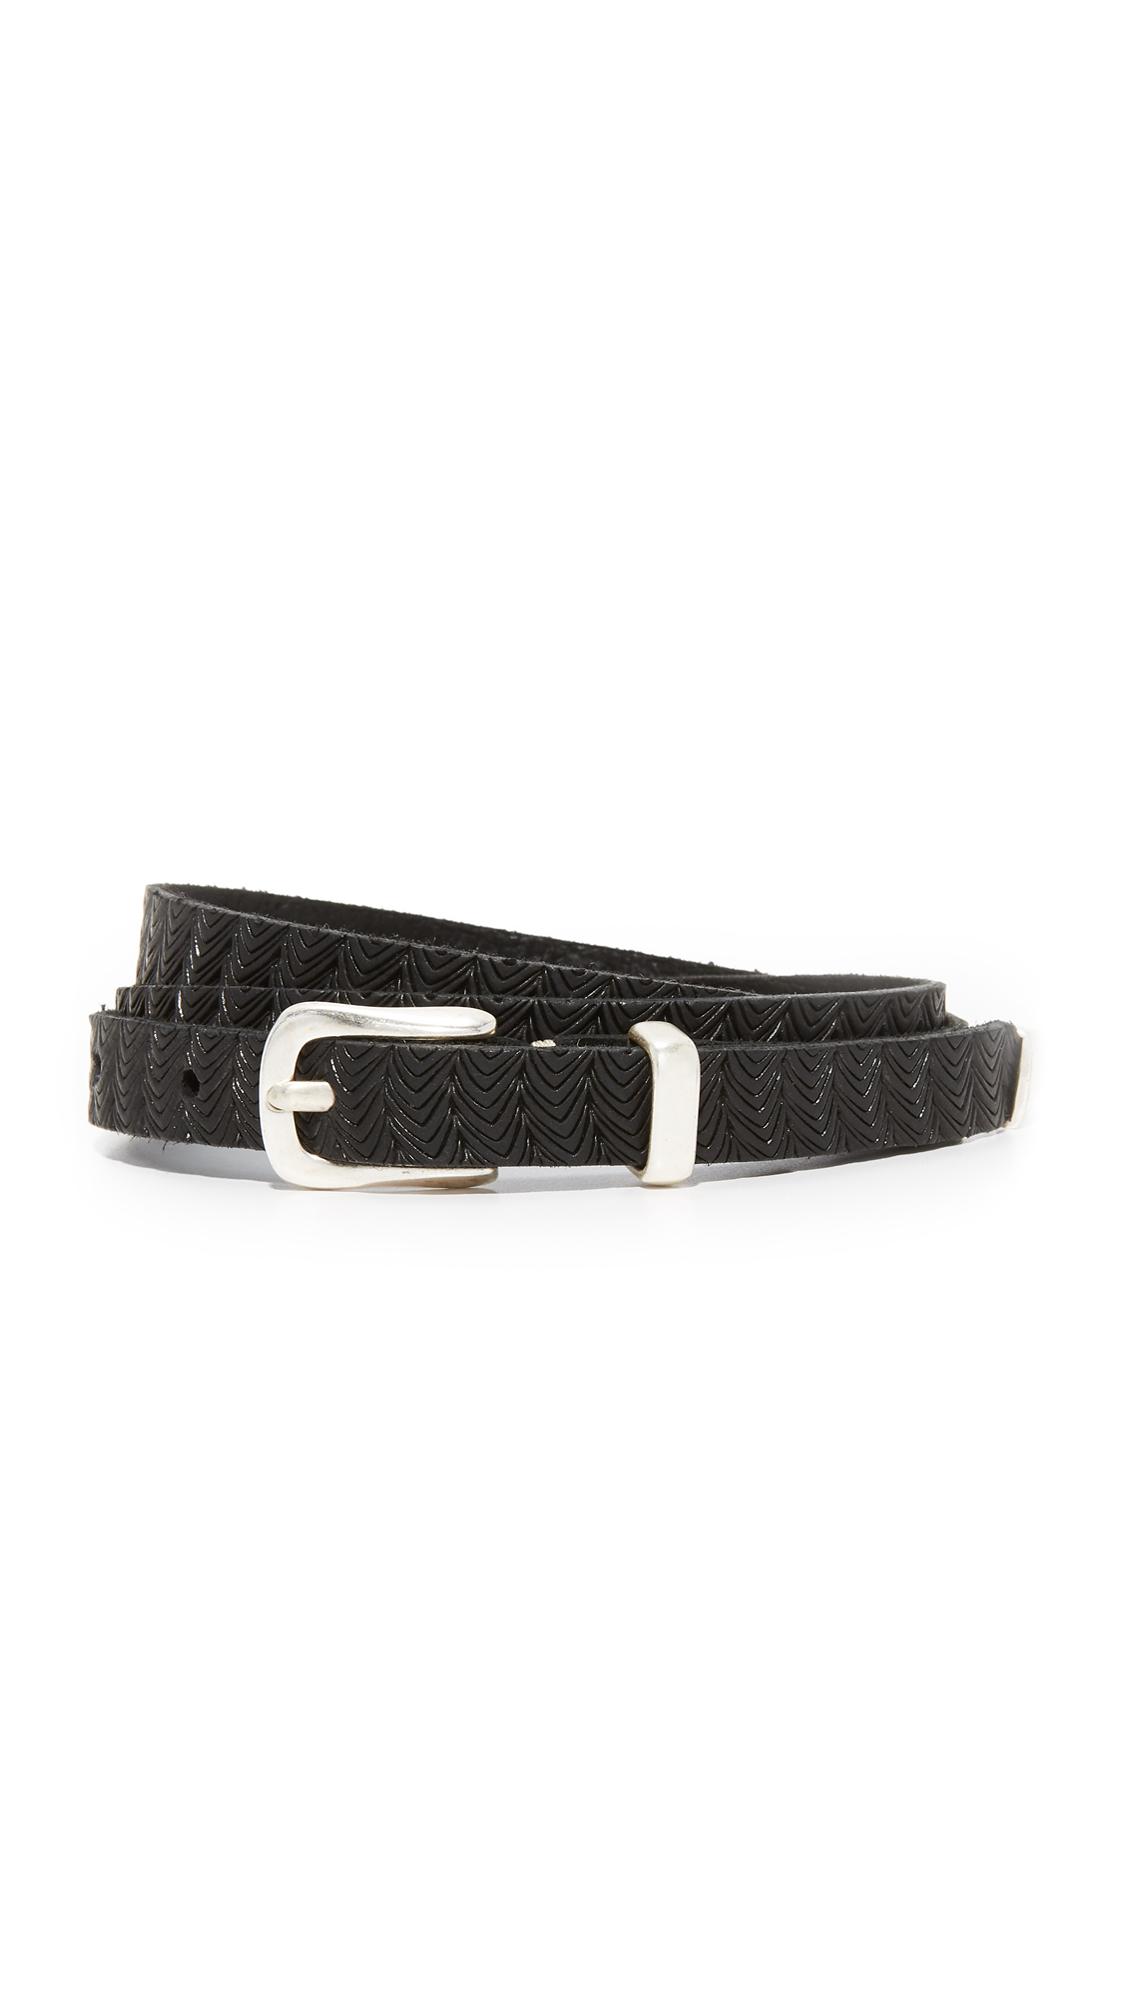 B. Belt Skinny Embossed Belt - Black